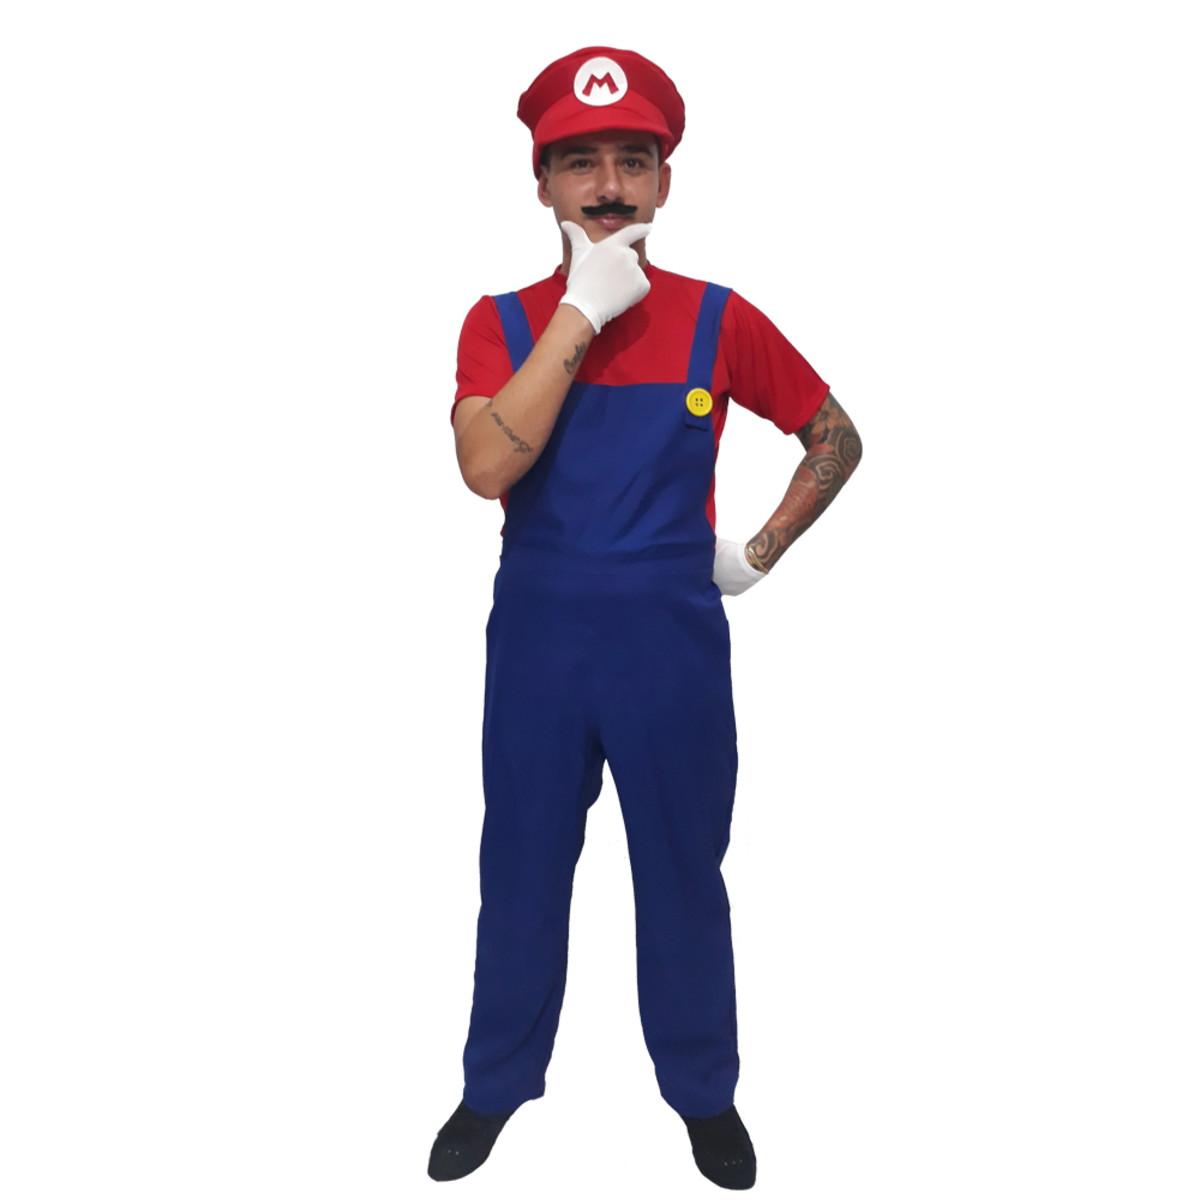 a411e60a902b7 Fantasia Super Mario Masculino Carnaval Game Geek no Elo7 ...